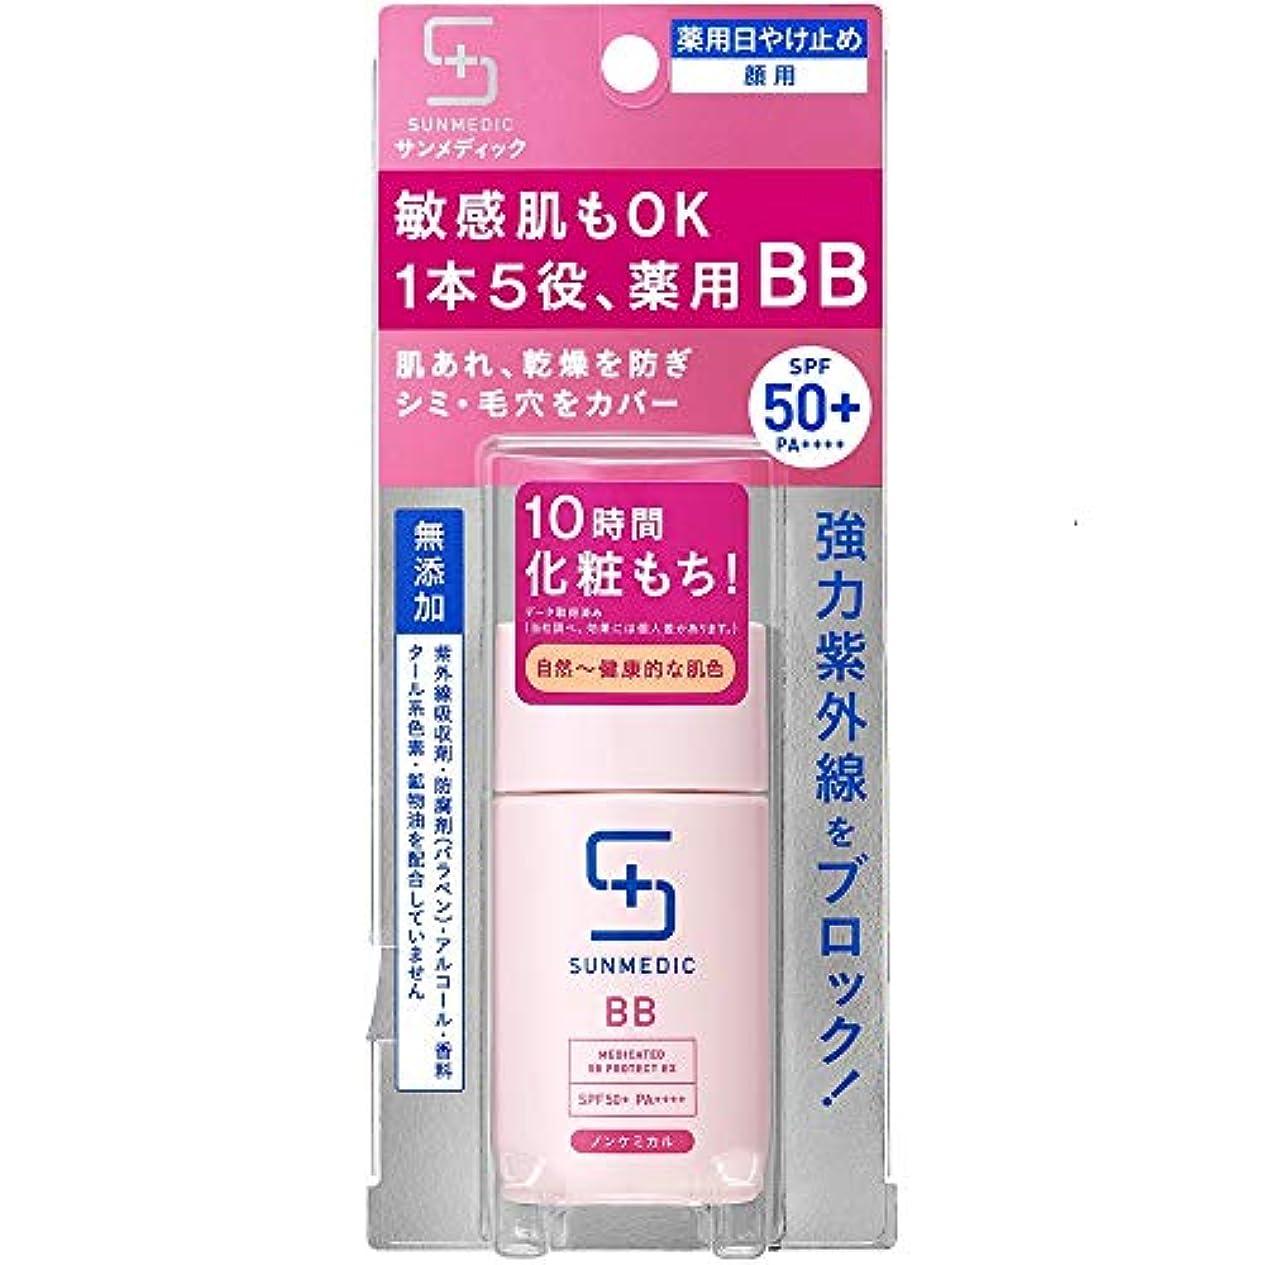 粉砕する特定の検証サンメディックUV 薬用BBプロテクトEX ナチュラル 30ml (医薬部外品)